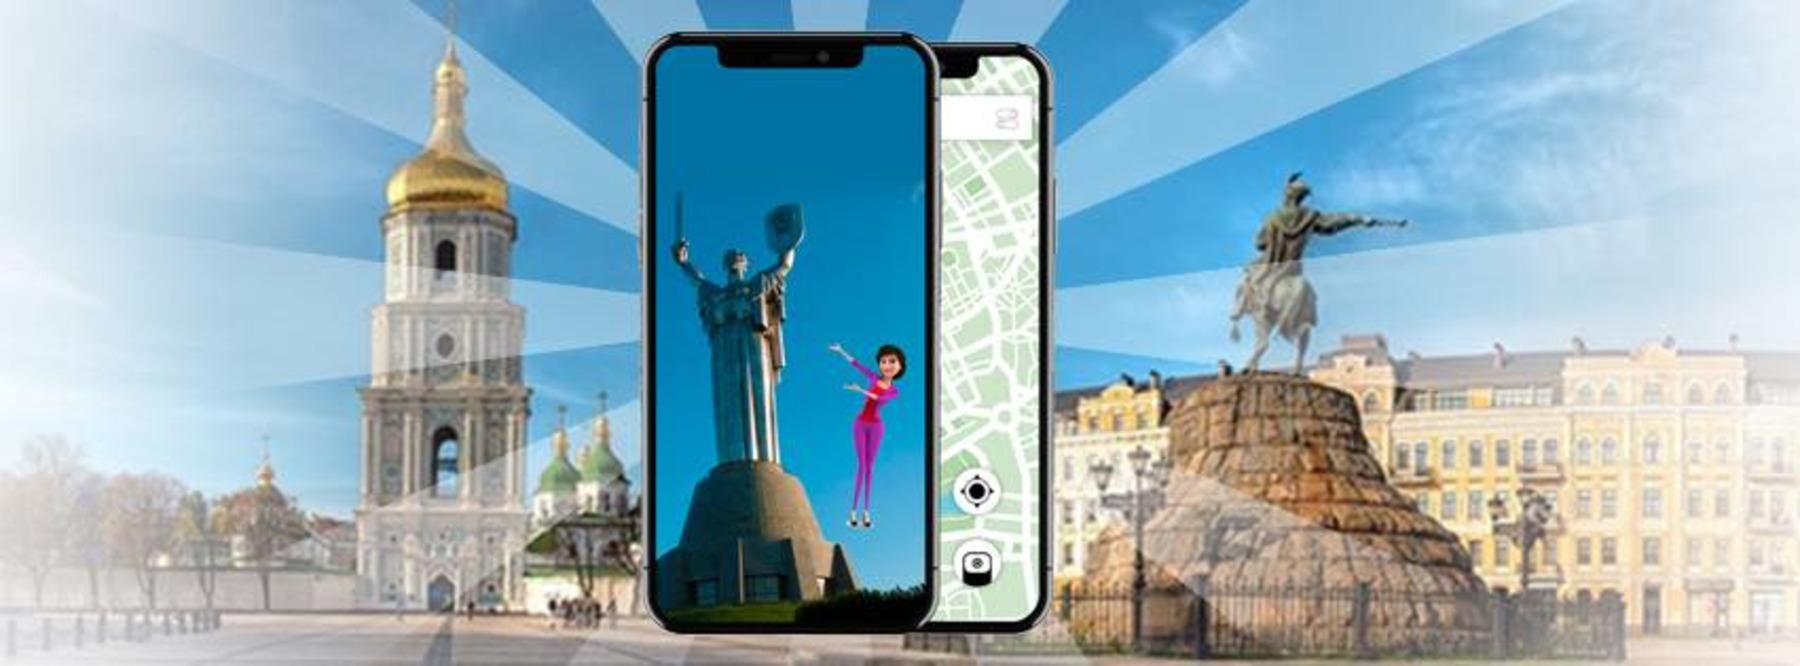 🇺🇦 Мобільний додаток Touristl: екскурсії Україною у режимі доповненої реальності